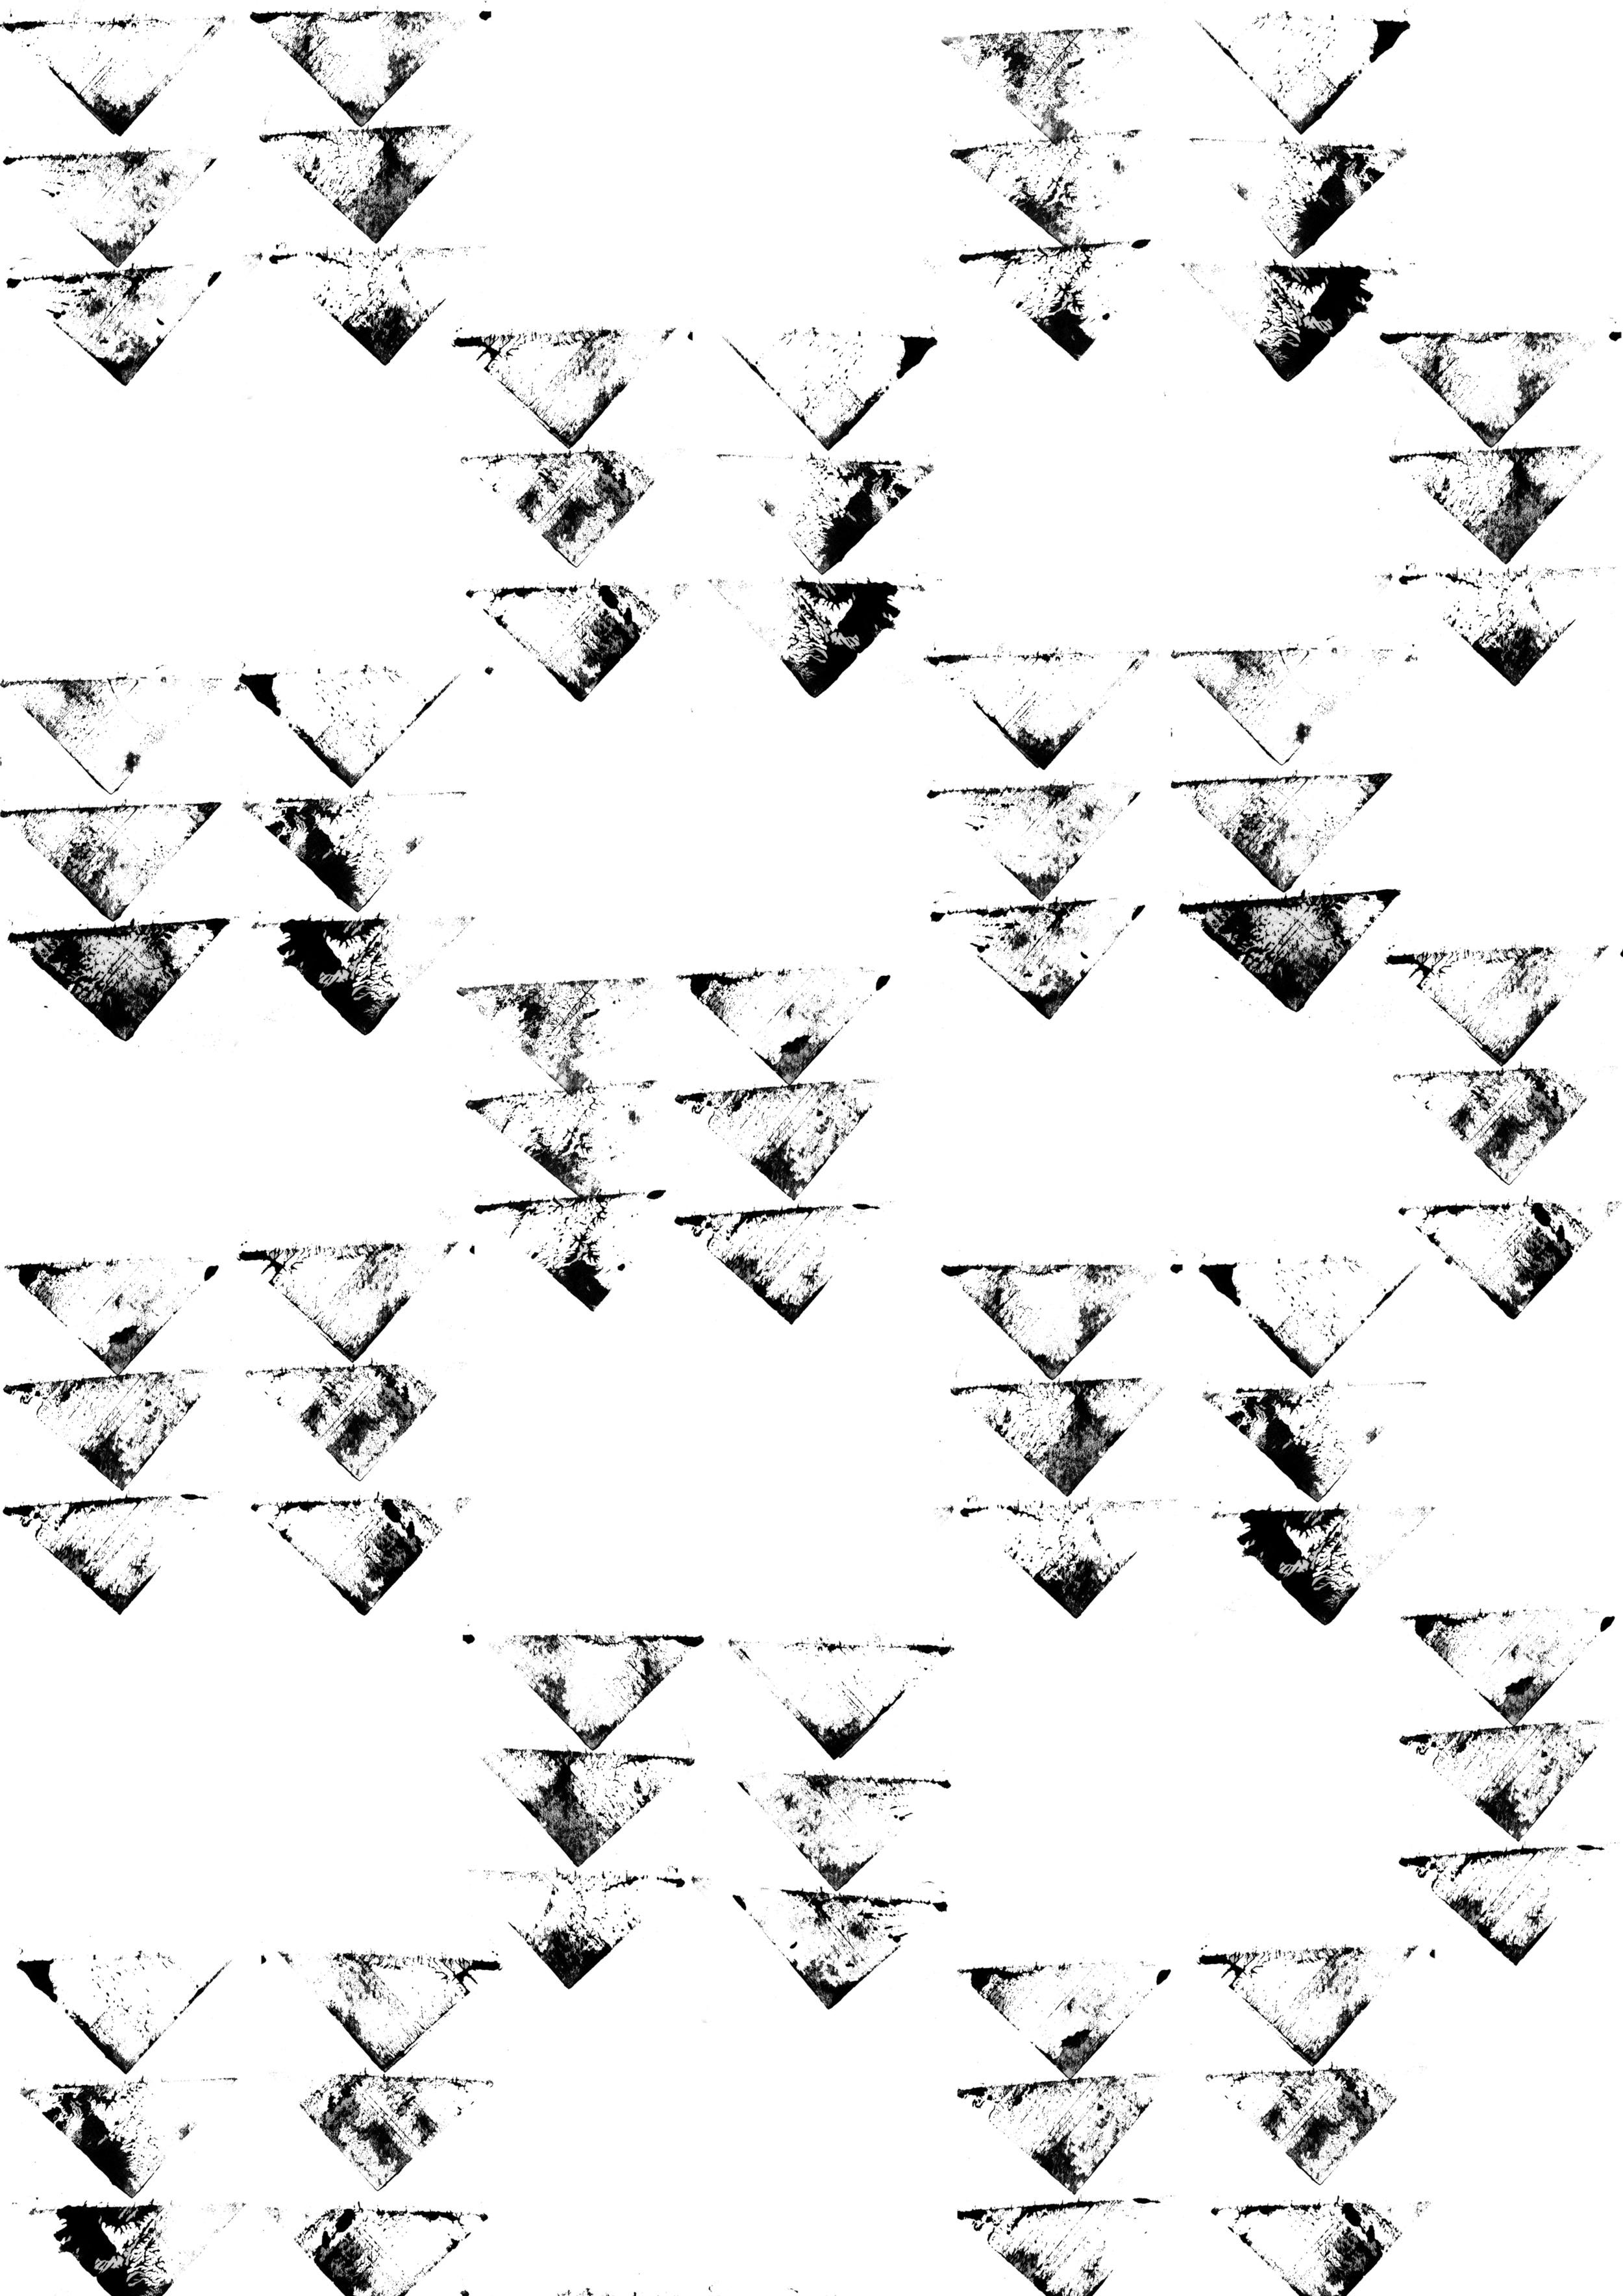 krysta_print_19.jpg